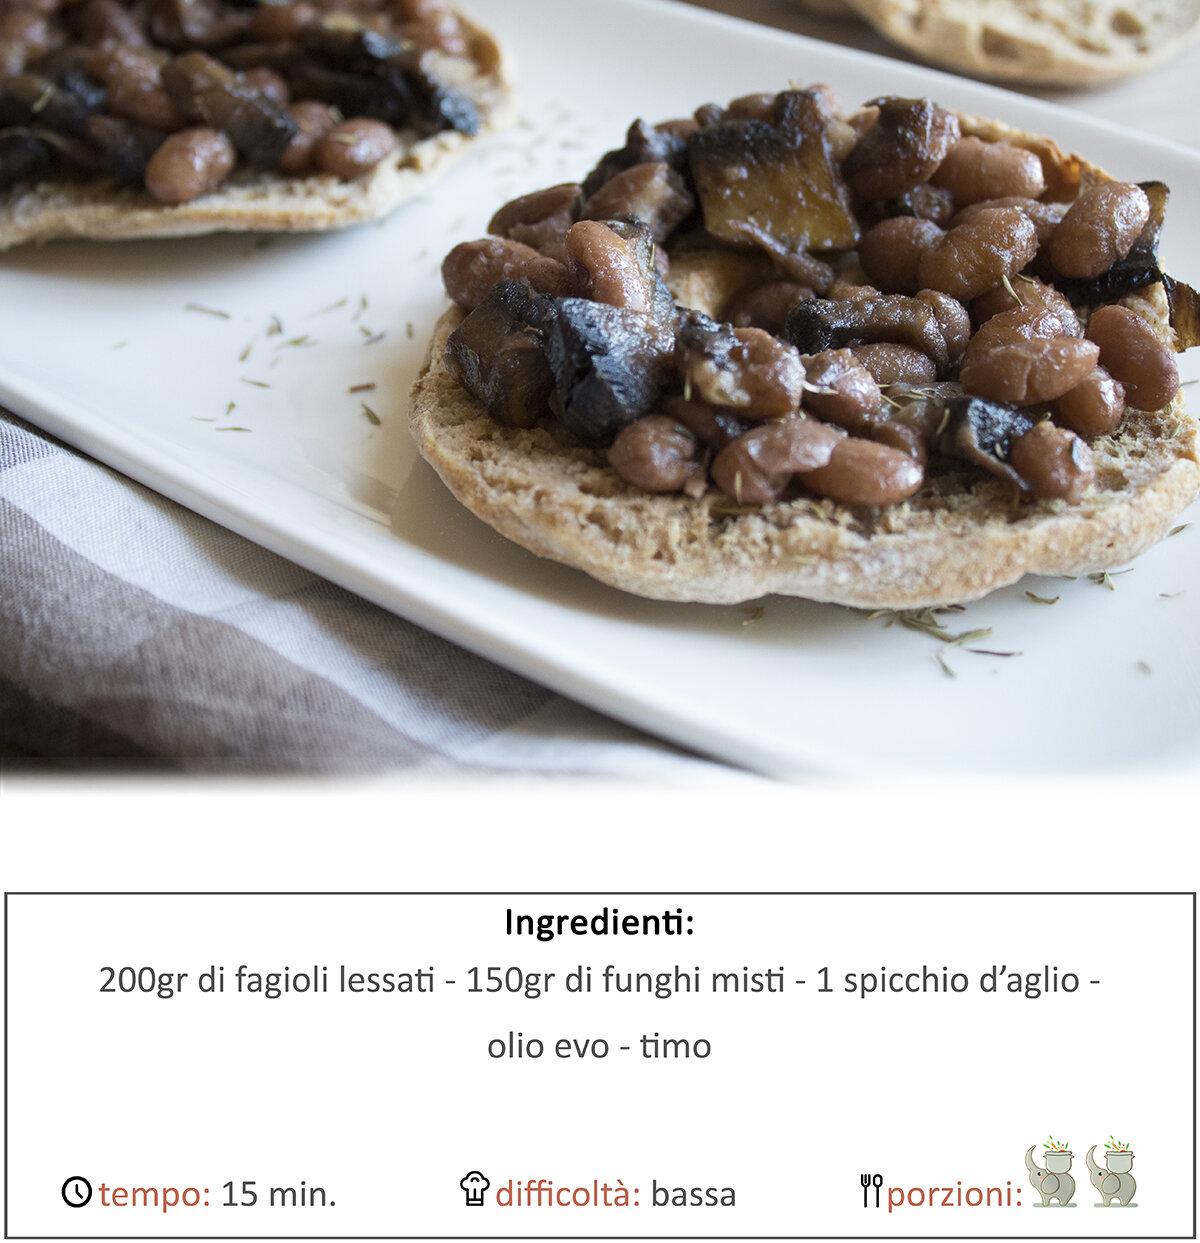 Friselle con fagioli e funghi